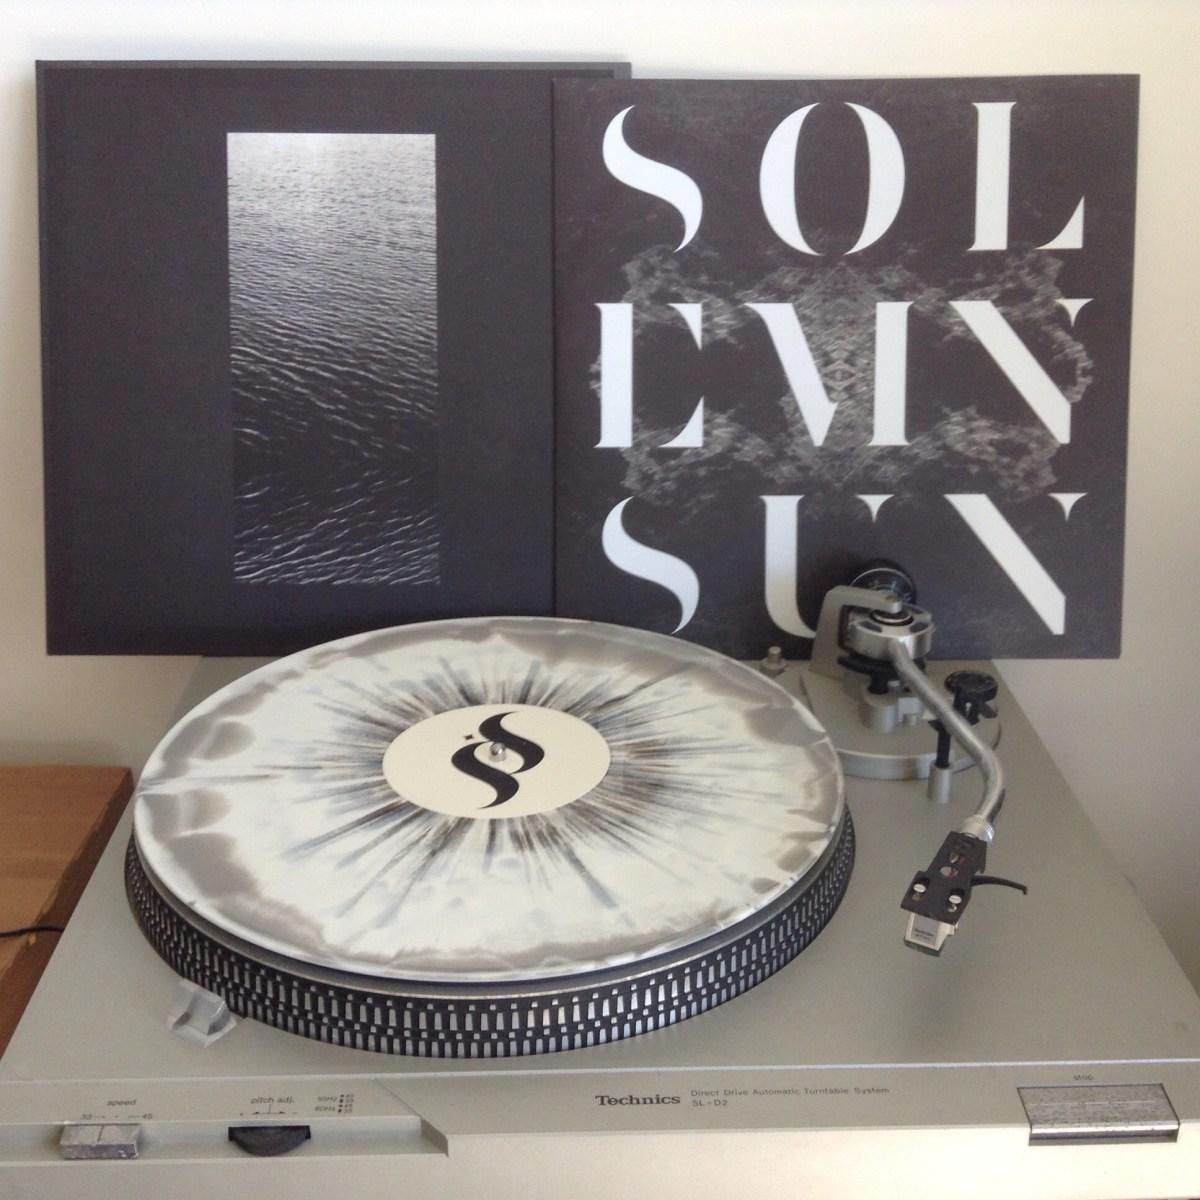 Solemn Sun Vinyl Record on Turntable